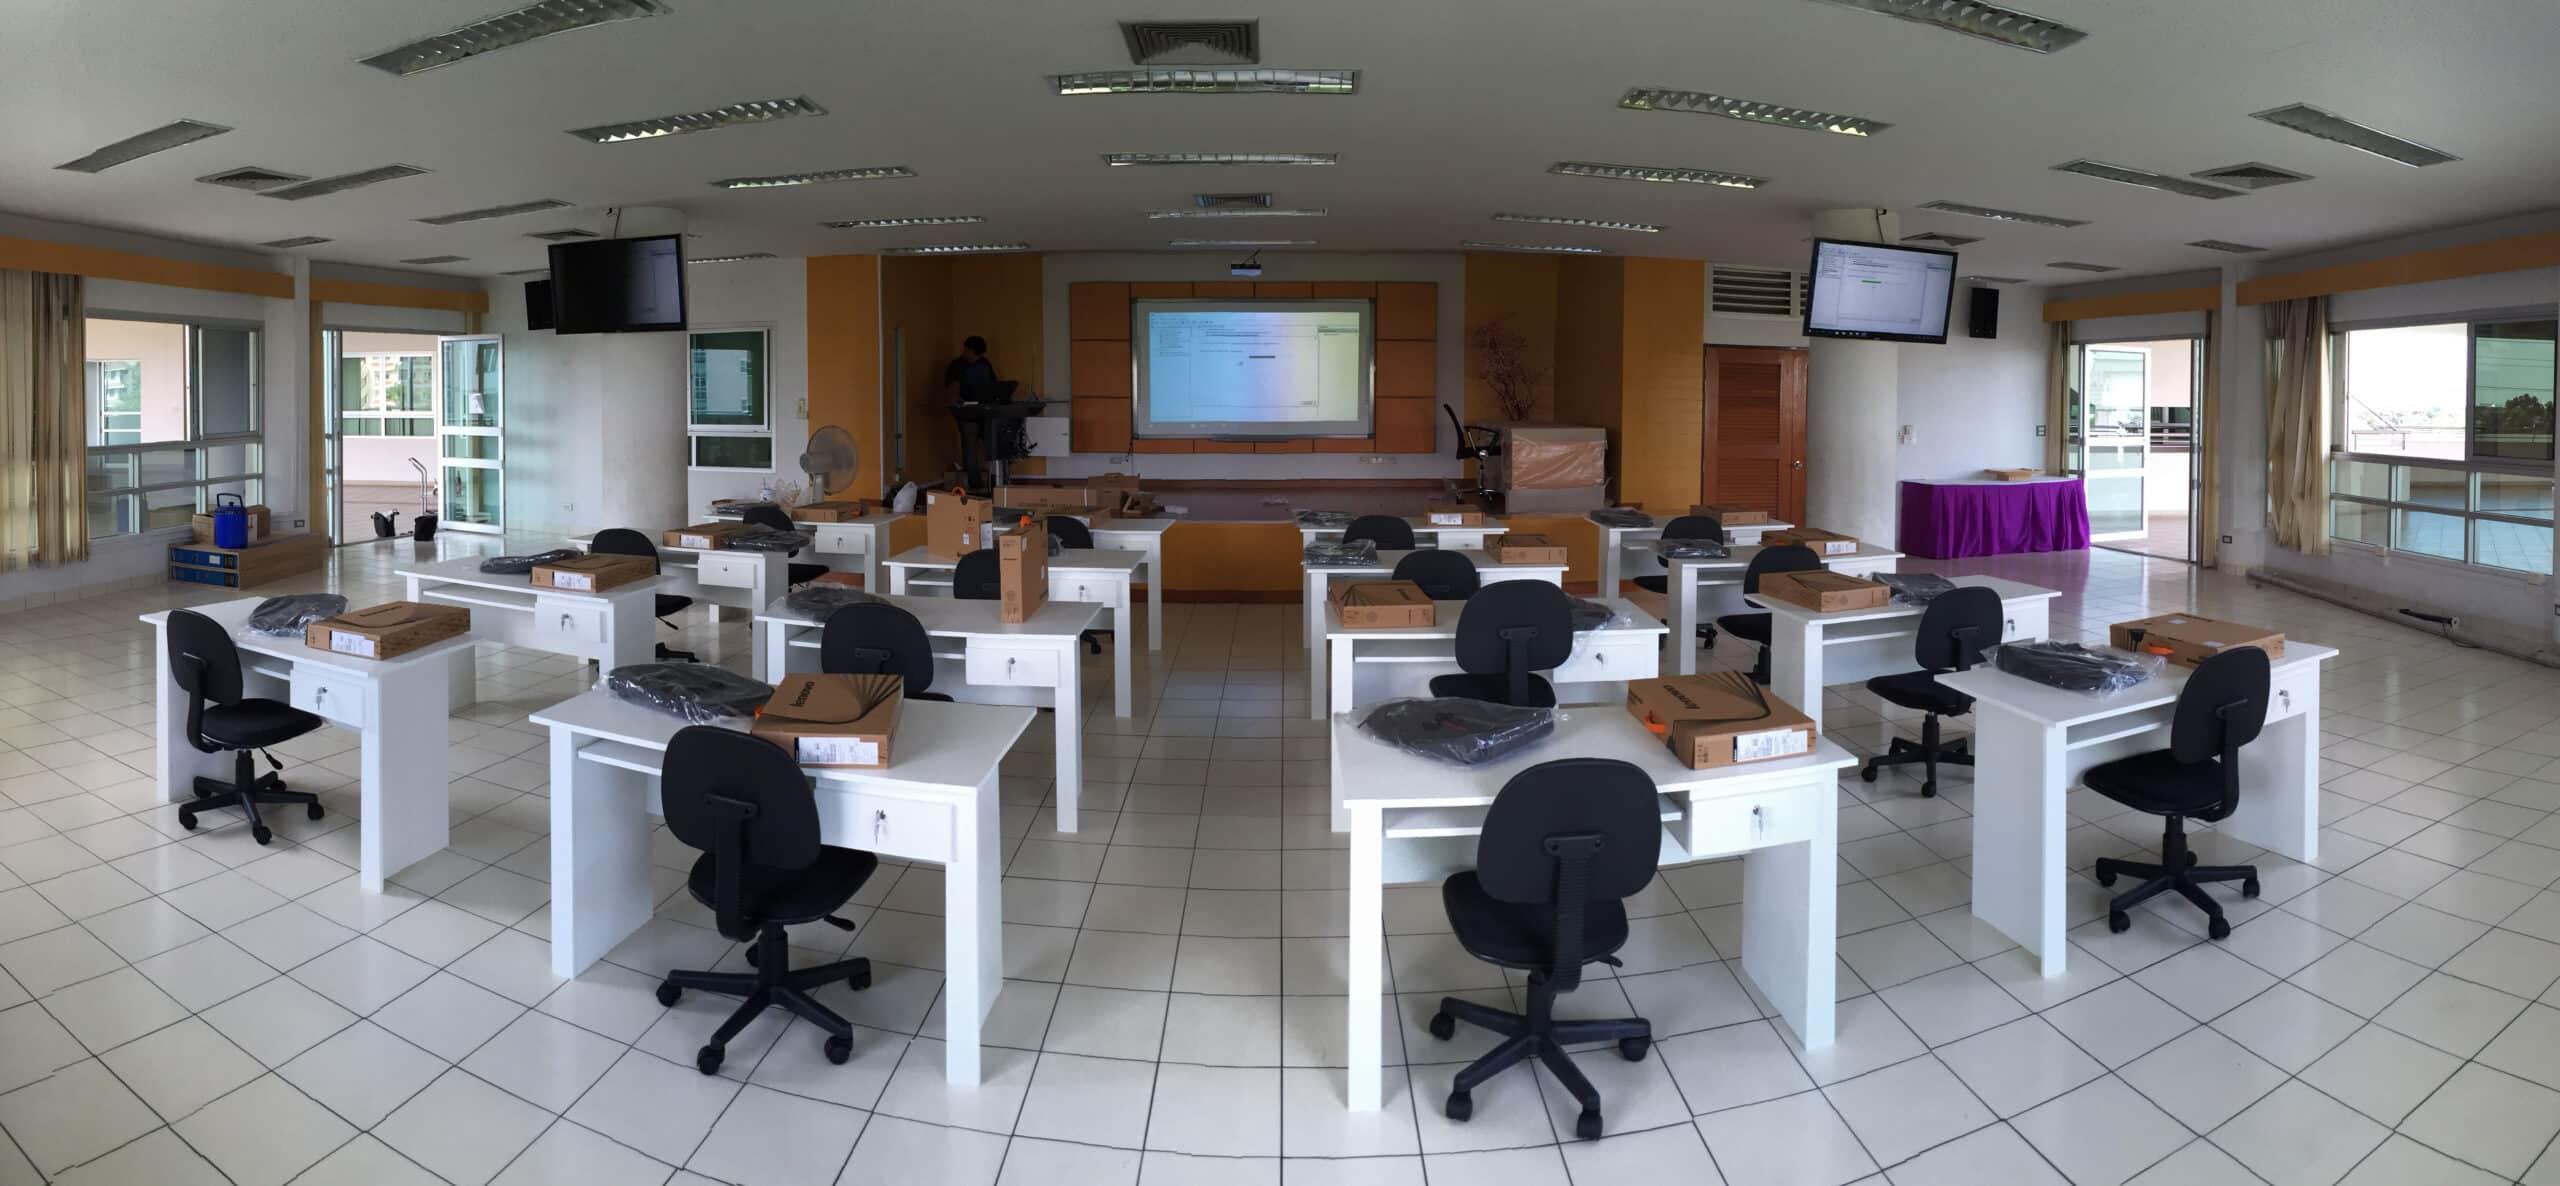 ห้องเรียนอัจฉริยะ smart class room